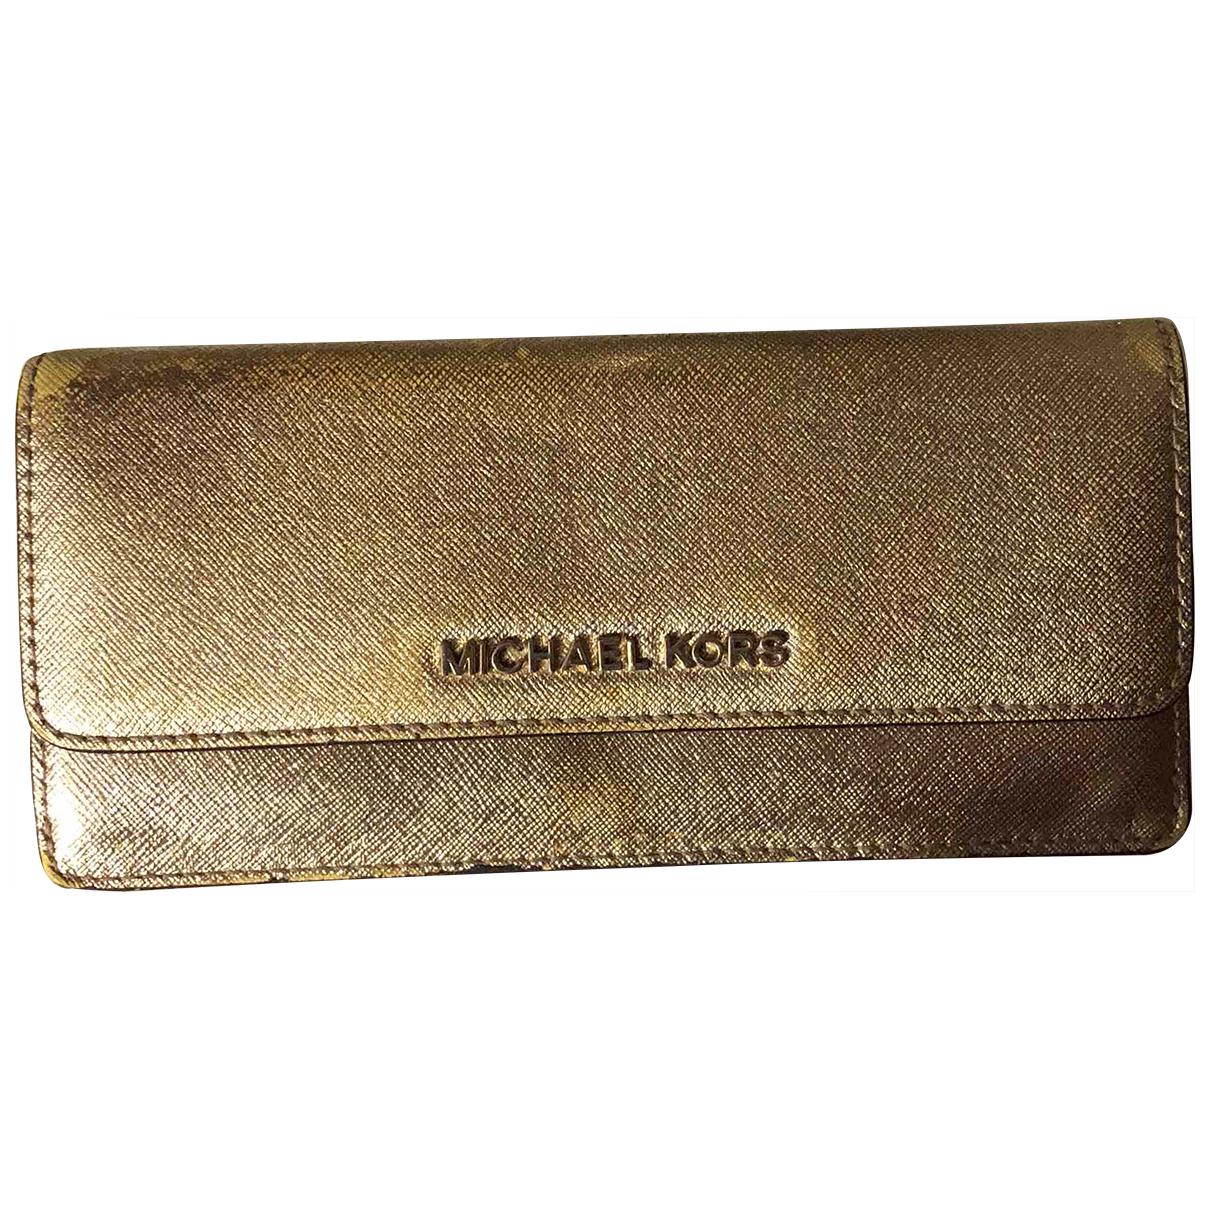 Michael Kors - Portefeuille   pour femme en cuir